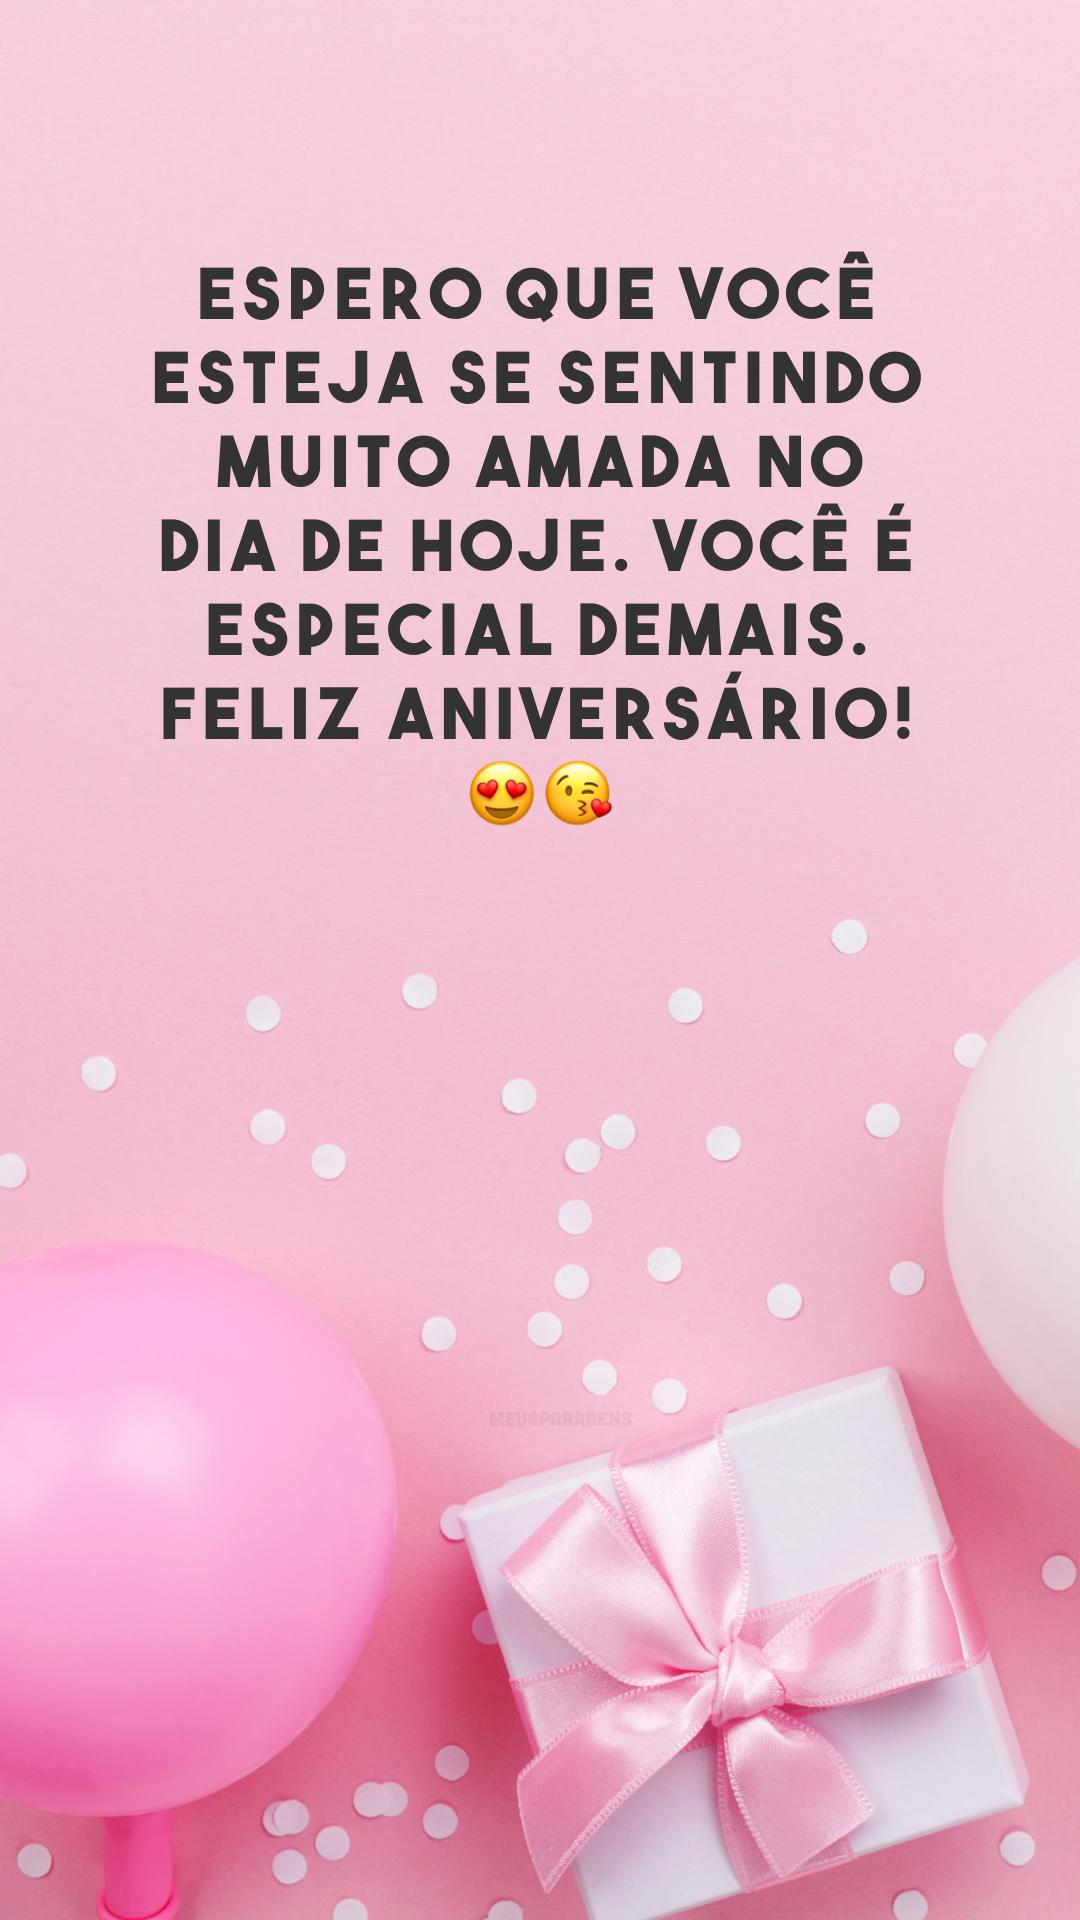 Espero que você esteja se sentindo muito amada no dia de hoje. Você é especial demais. Feliz aniversário! 😍😘